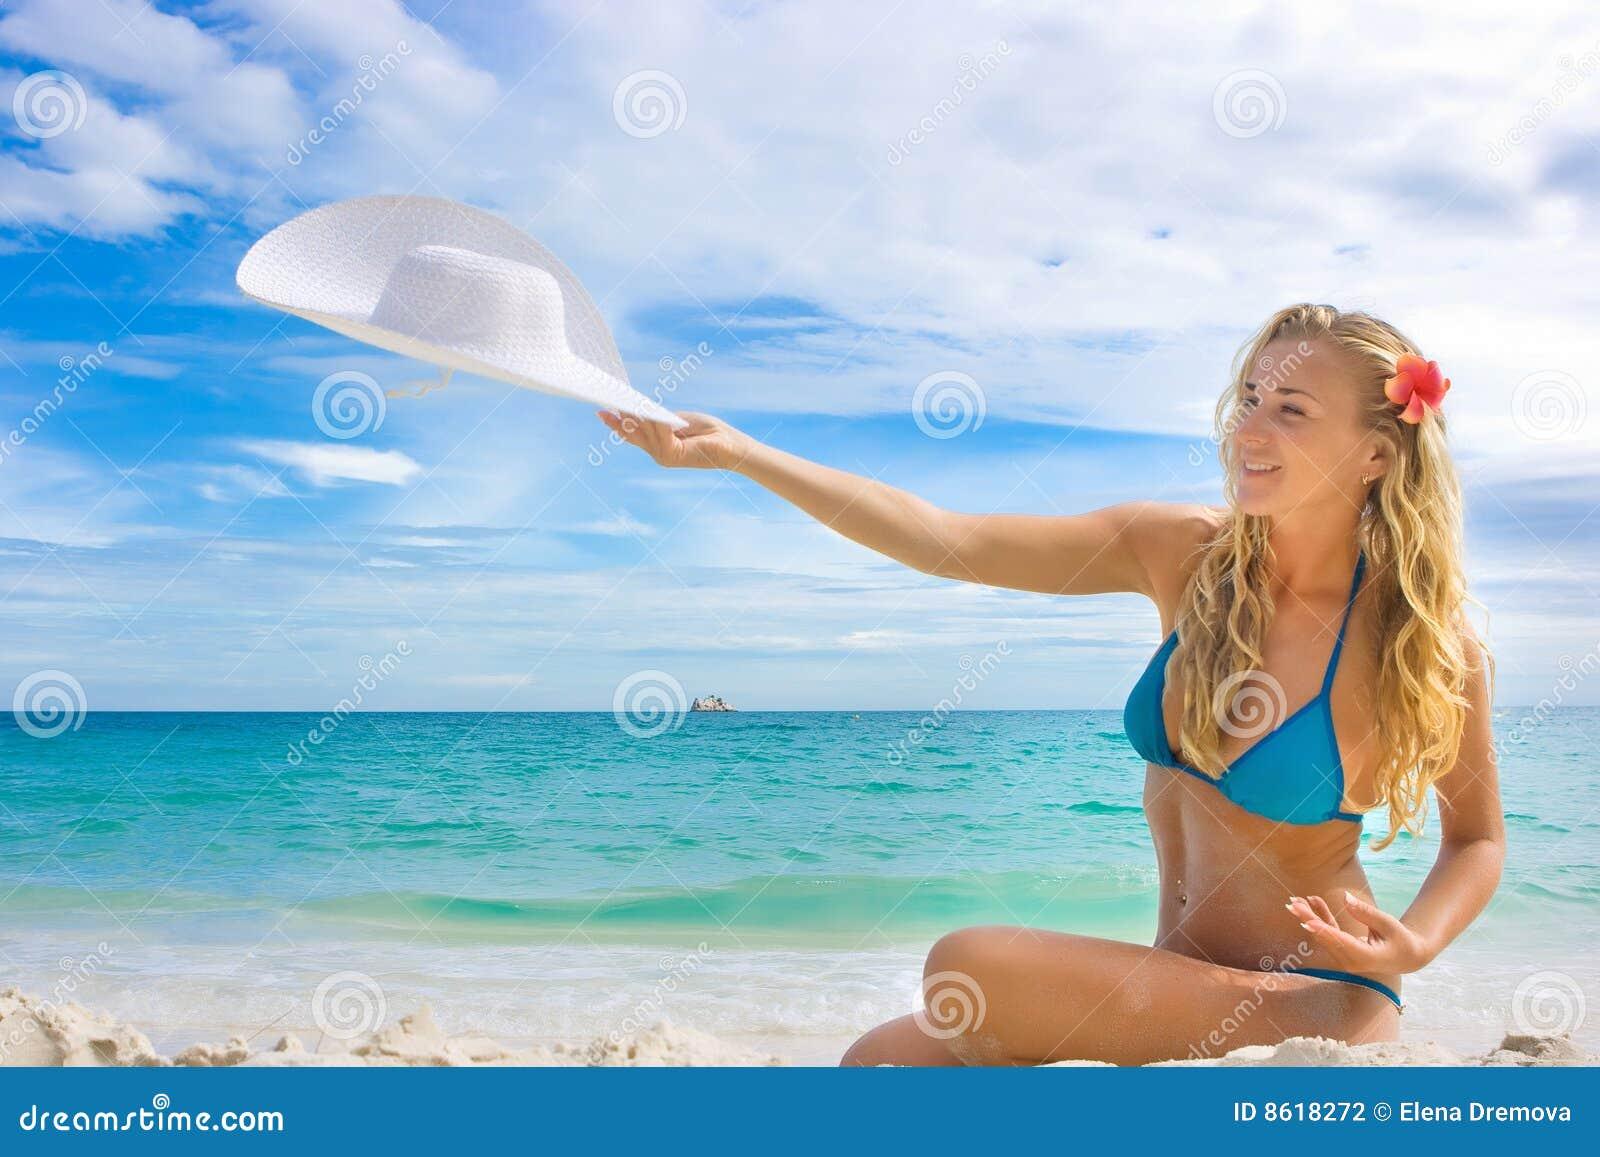 Фото на пляже в турции девушек 22 фотография